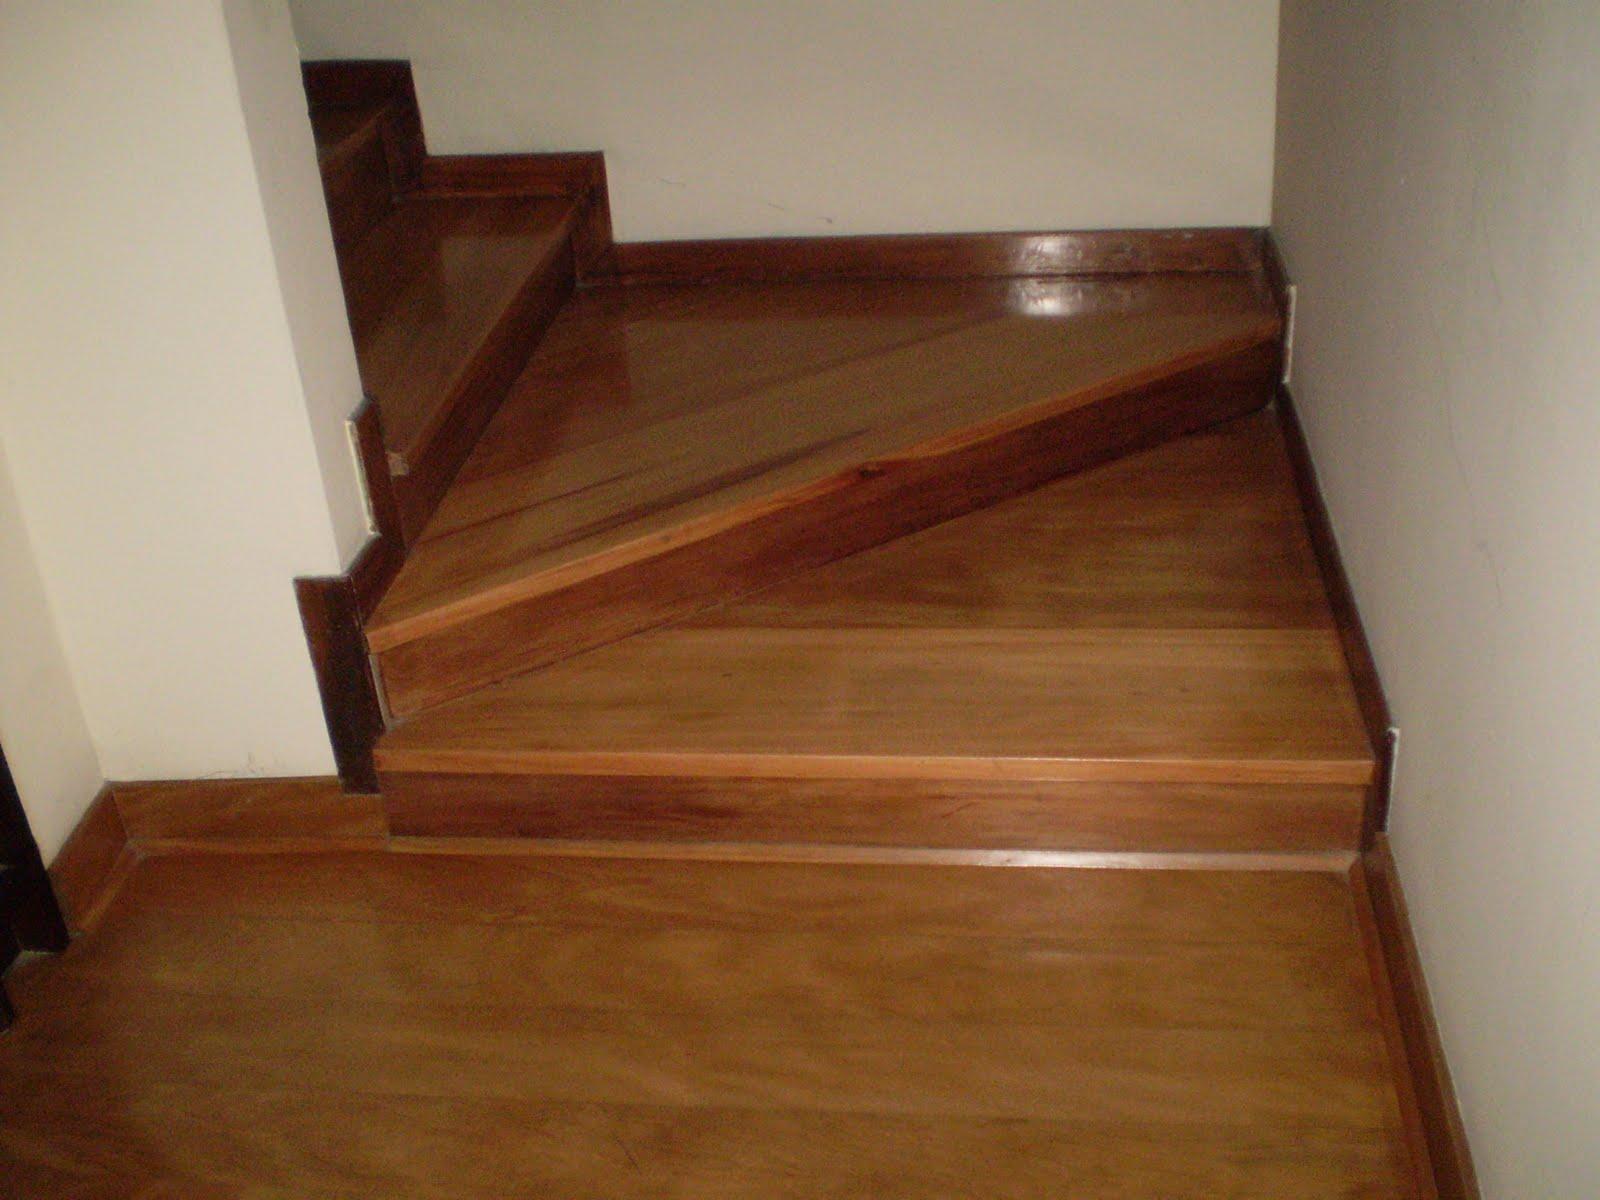 Pisos mick escaleras y pasos de escalera for Escalera de madera 5 pasos